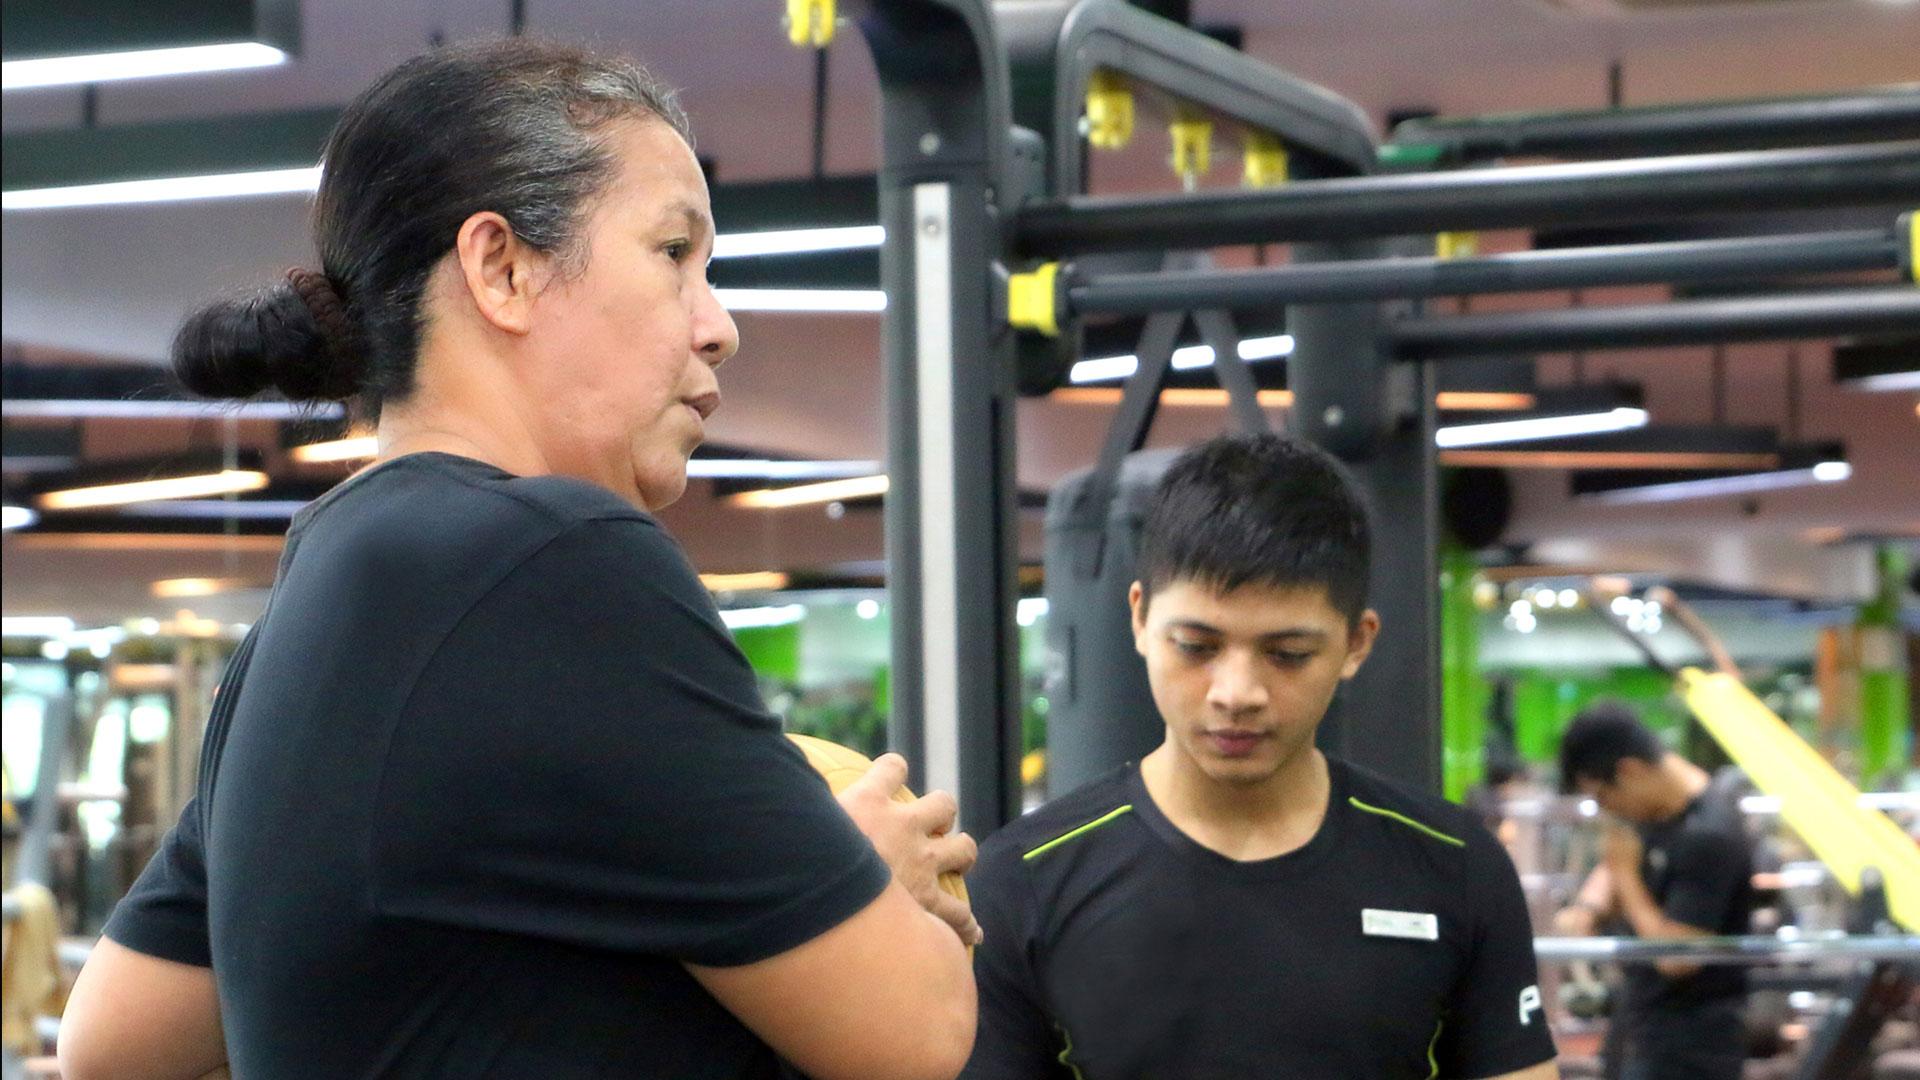 Chương trình luyện tập<br><span>phù hợp với người cao tuổi</span>